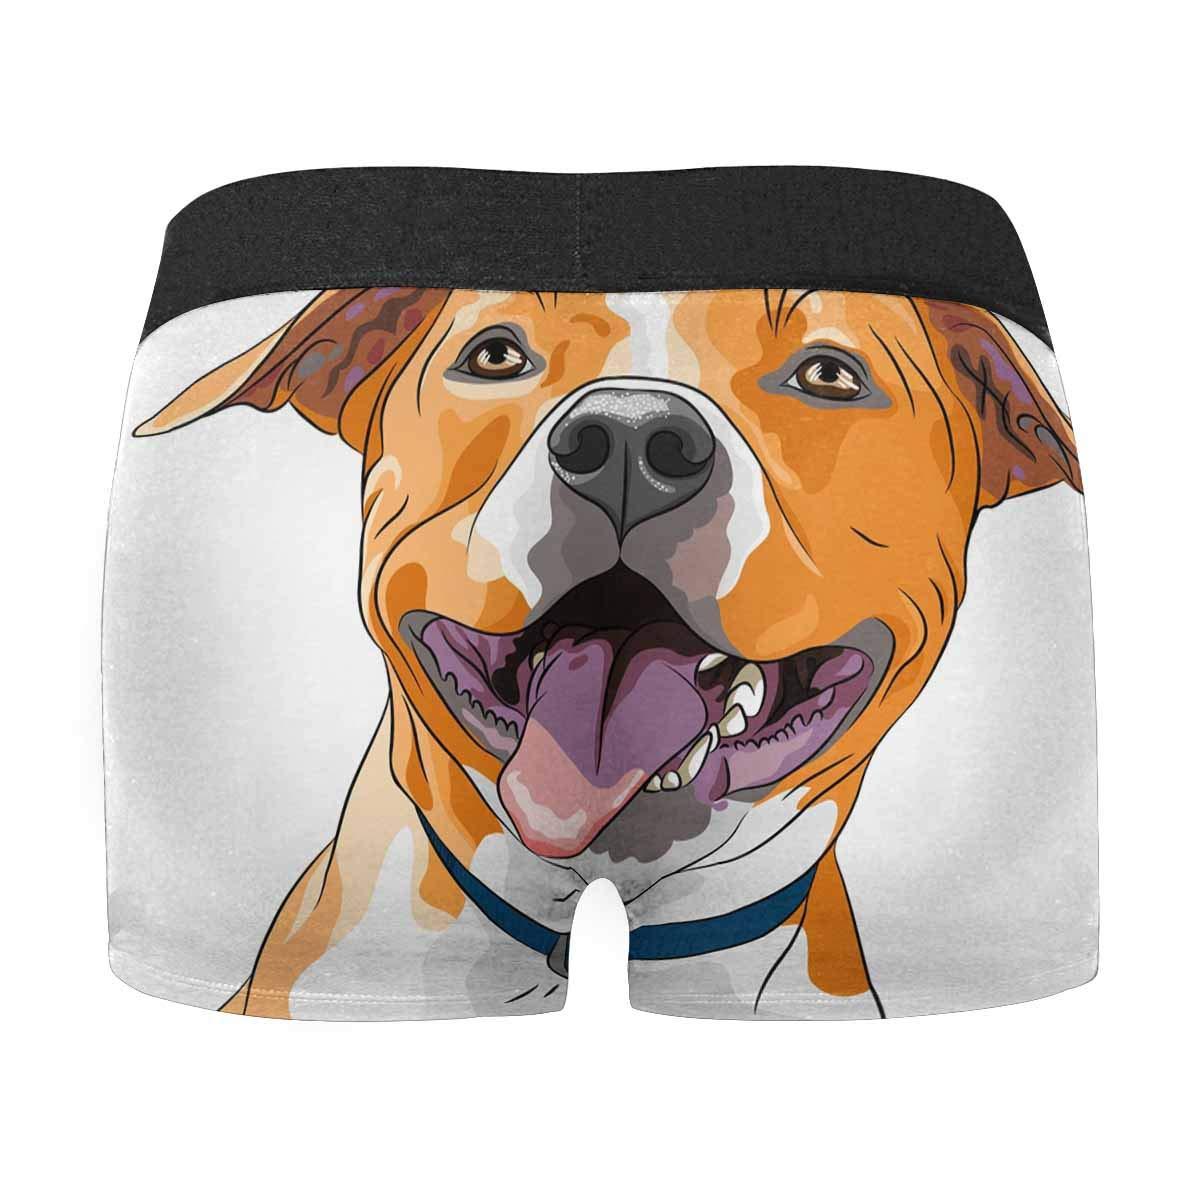 INTERESTPRINT Custom Mens Boxer Briefs Underwear XS-3XL